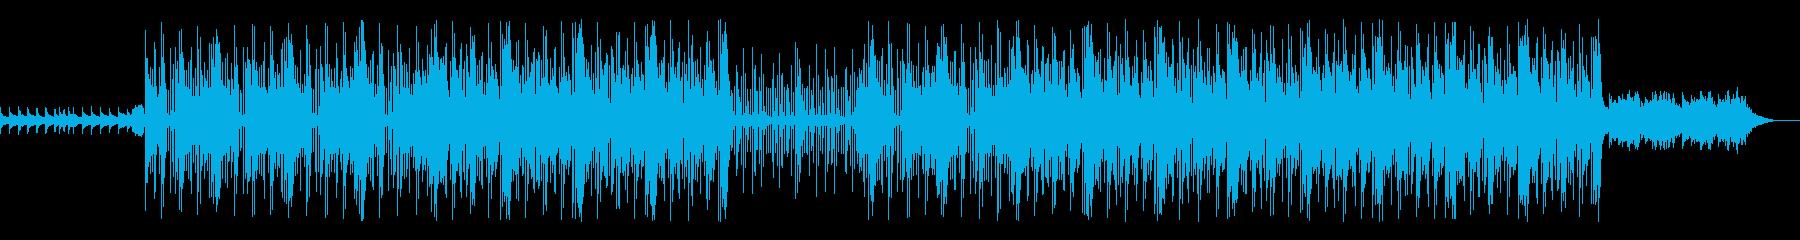 レトロ 不気味 トラップビートの再生済みの波形